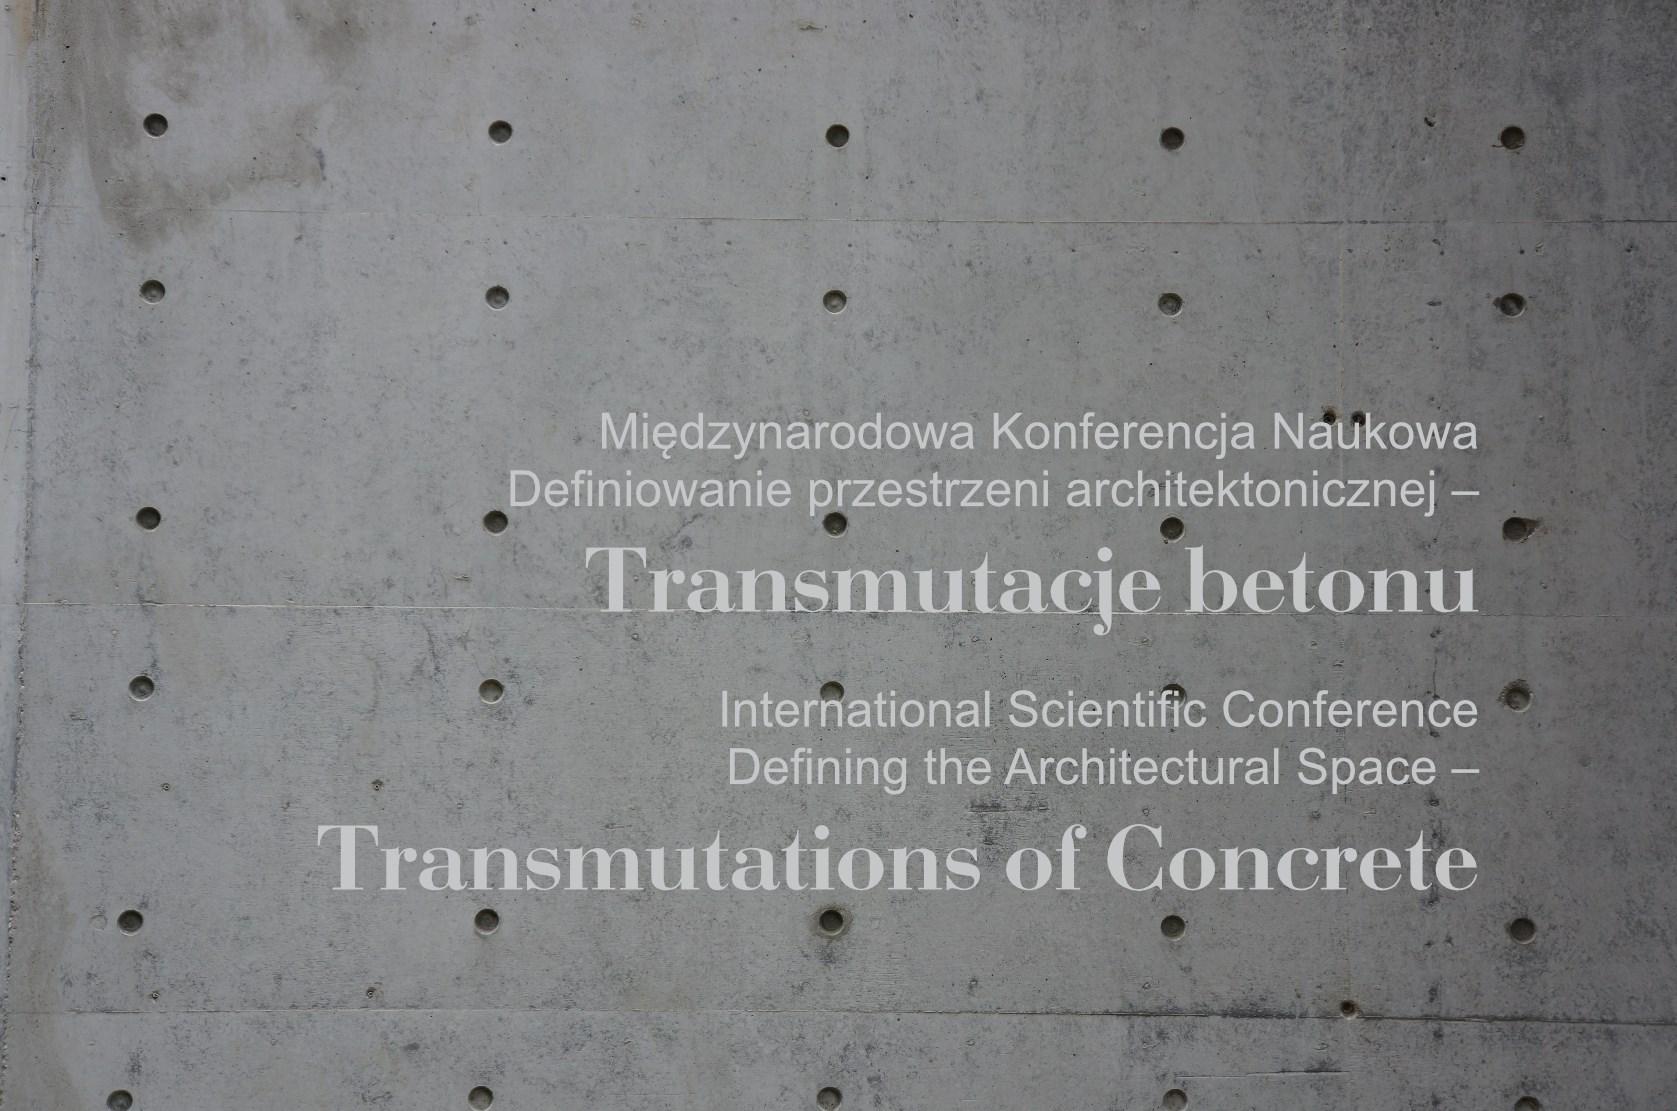 Konferencja z betonem w tle (źródło: materiały prasowe)